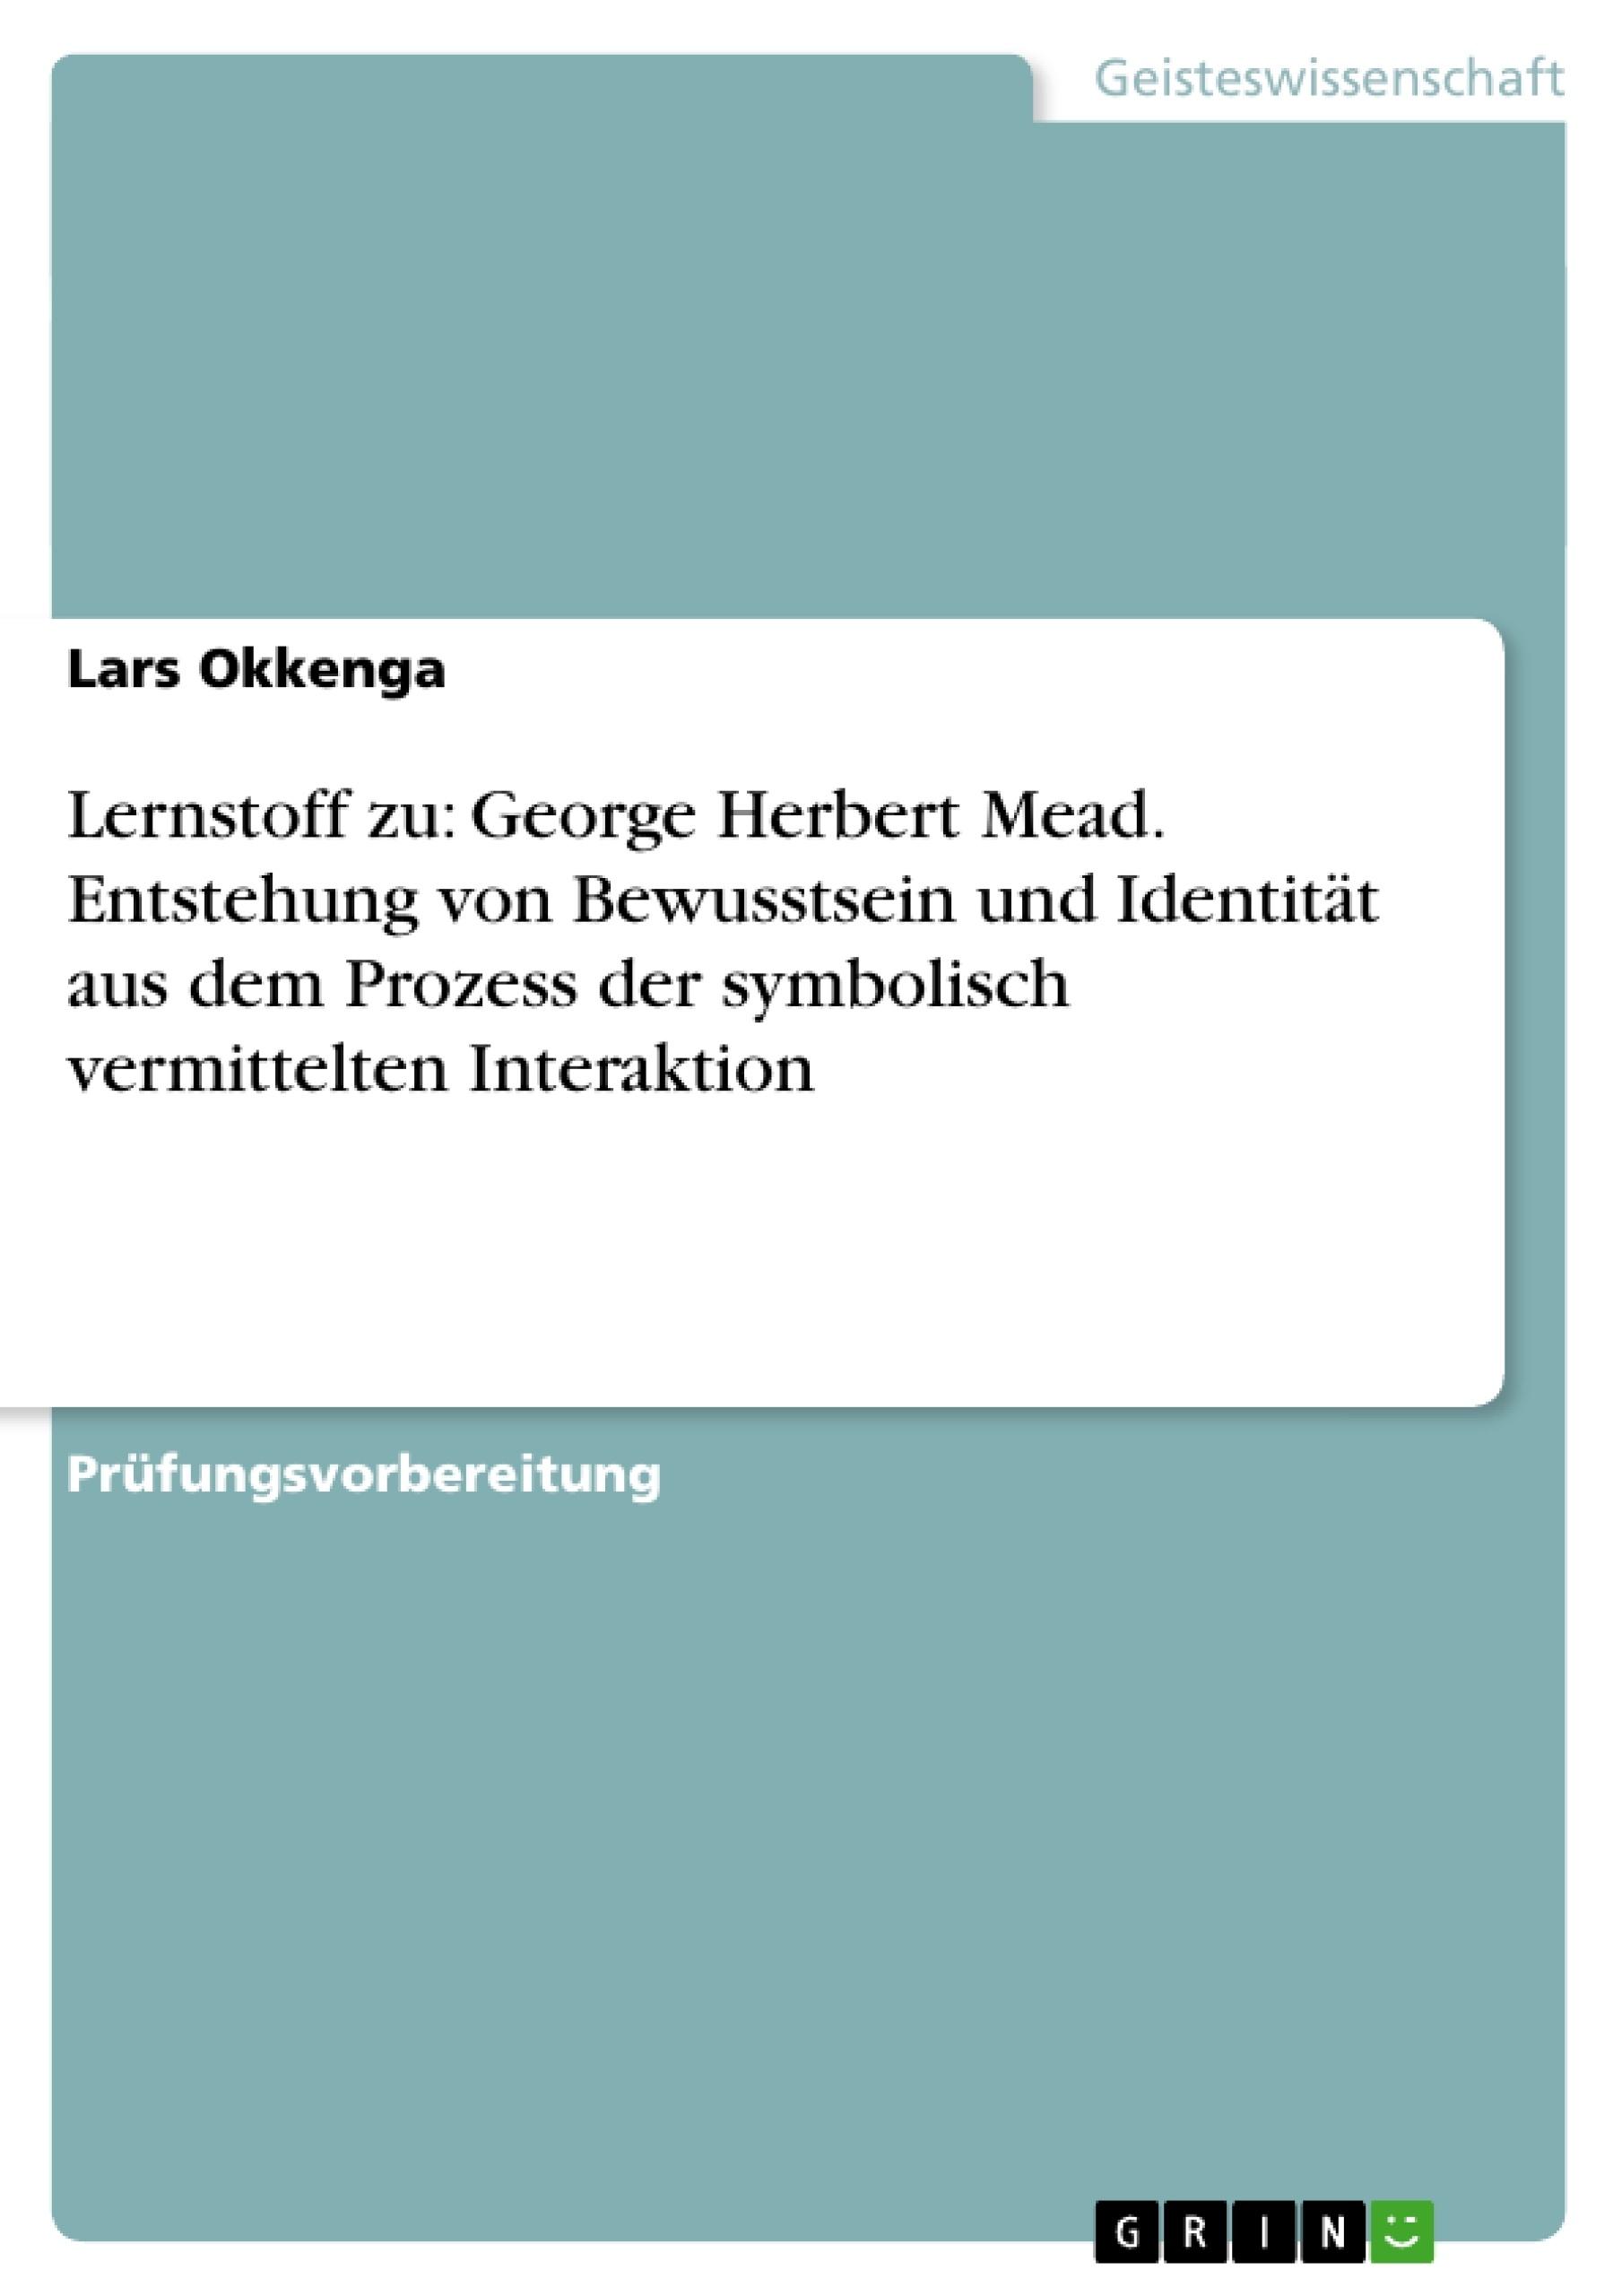 Titel: Lernstoff zu: George Herbert Mead. Entstehung von Bewusstsein und Identität aus dem Prozess der symbolisch vermittelten Interaktion